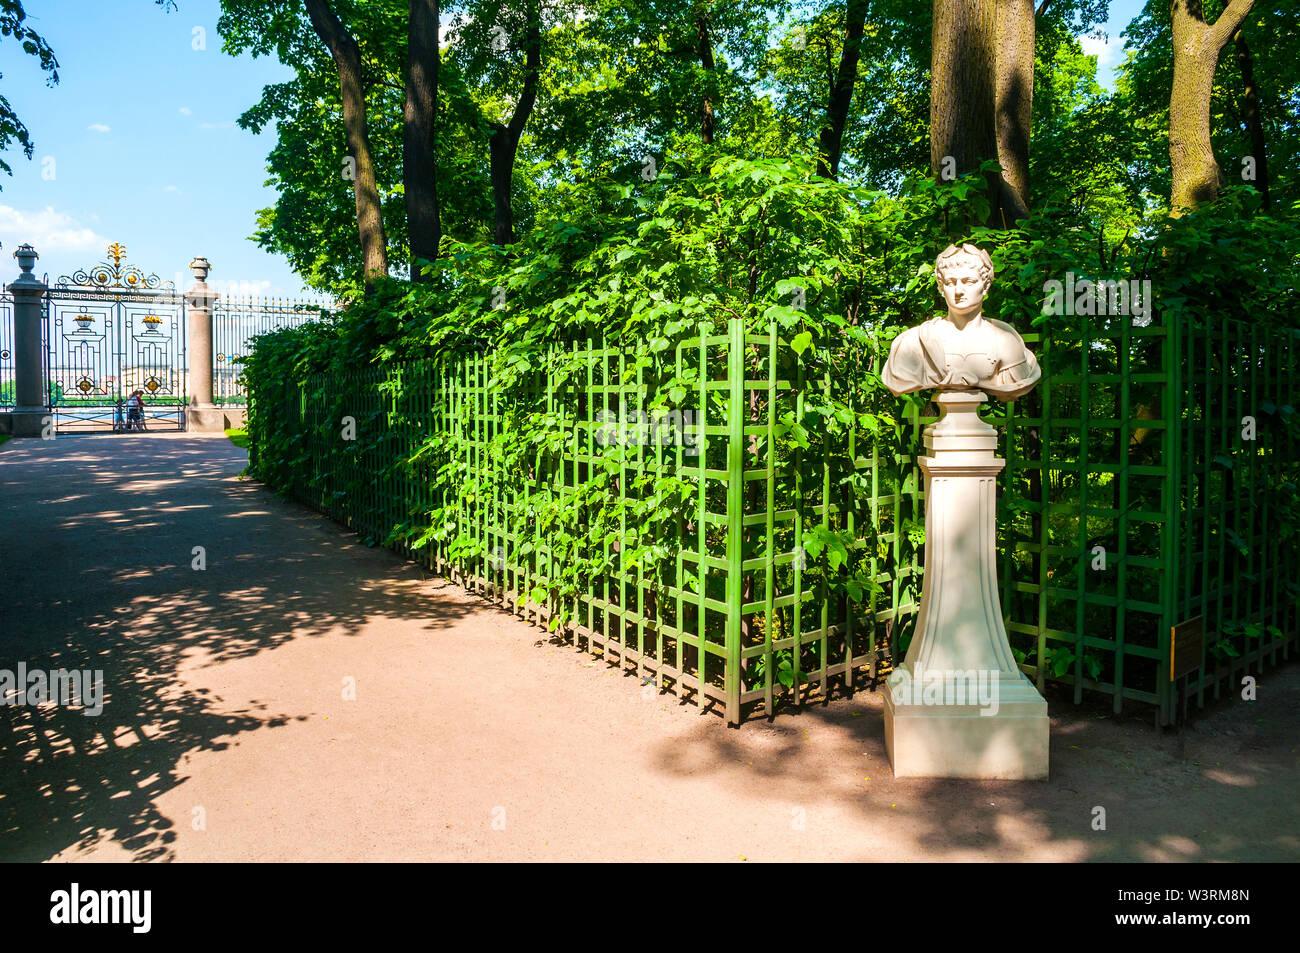 St Petersburg, Russia - June 6, 2019. The sculpture of the Roman Emperor Vespasian. Summer garden - the most famous garden of St Petersburg Russia - Stock Image